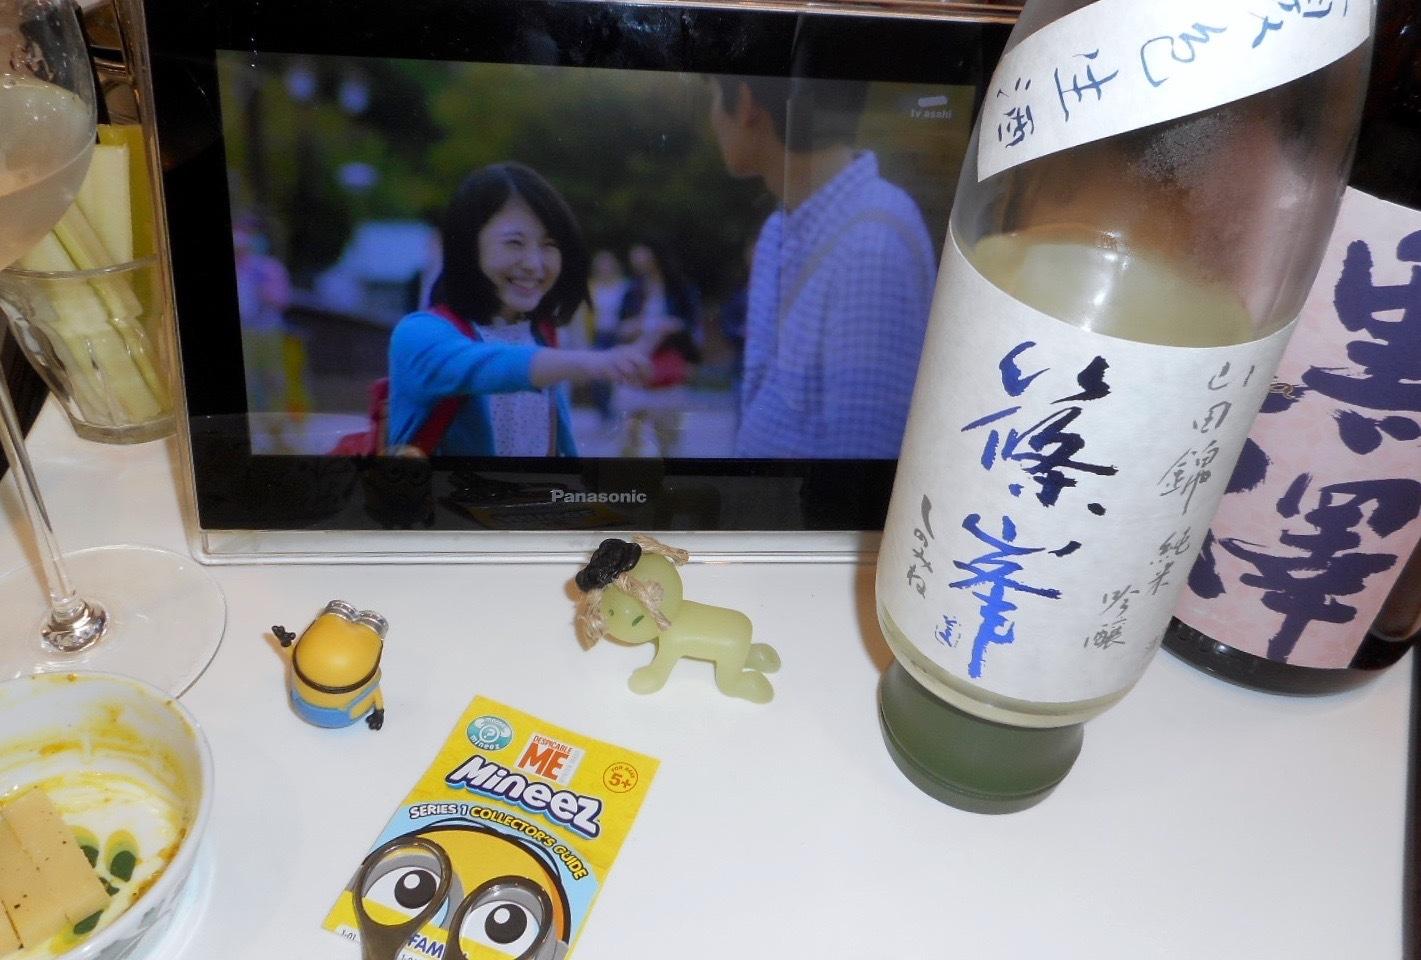 kurosawa_type7_29by4_11.jpg